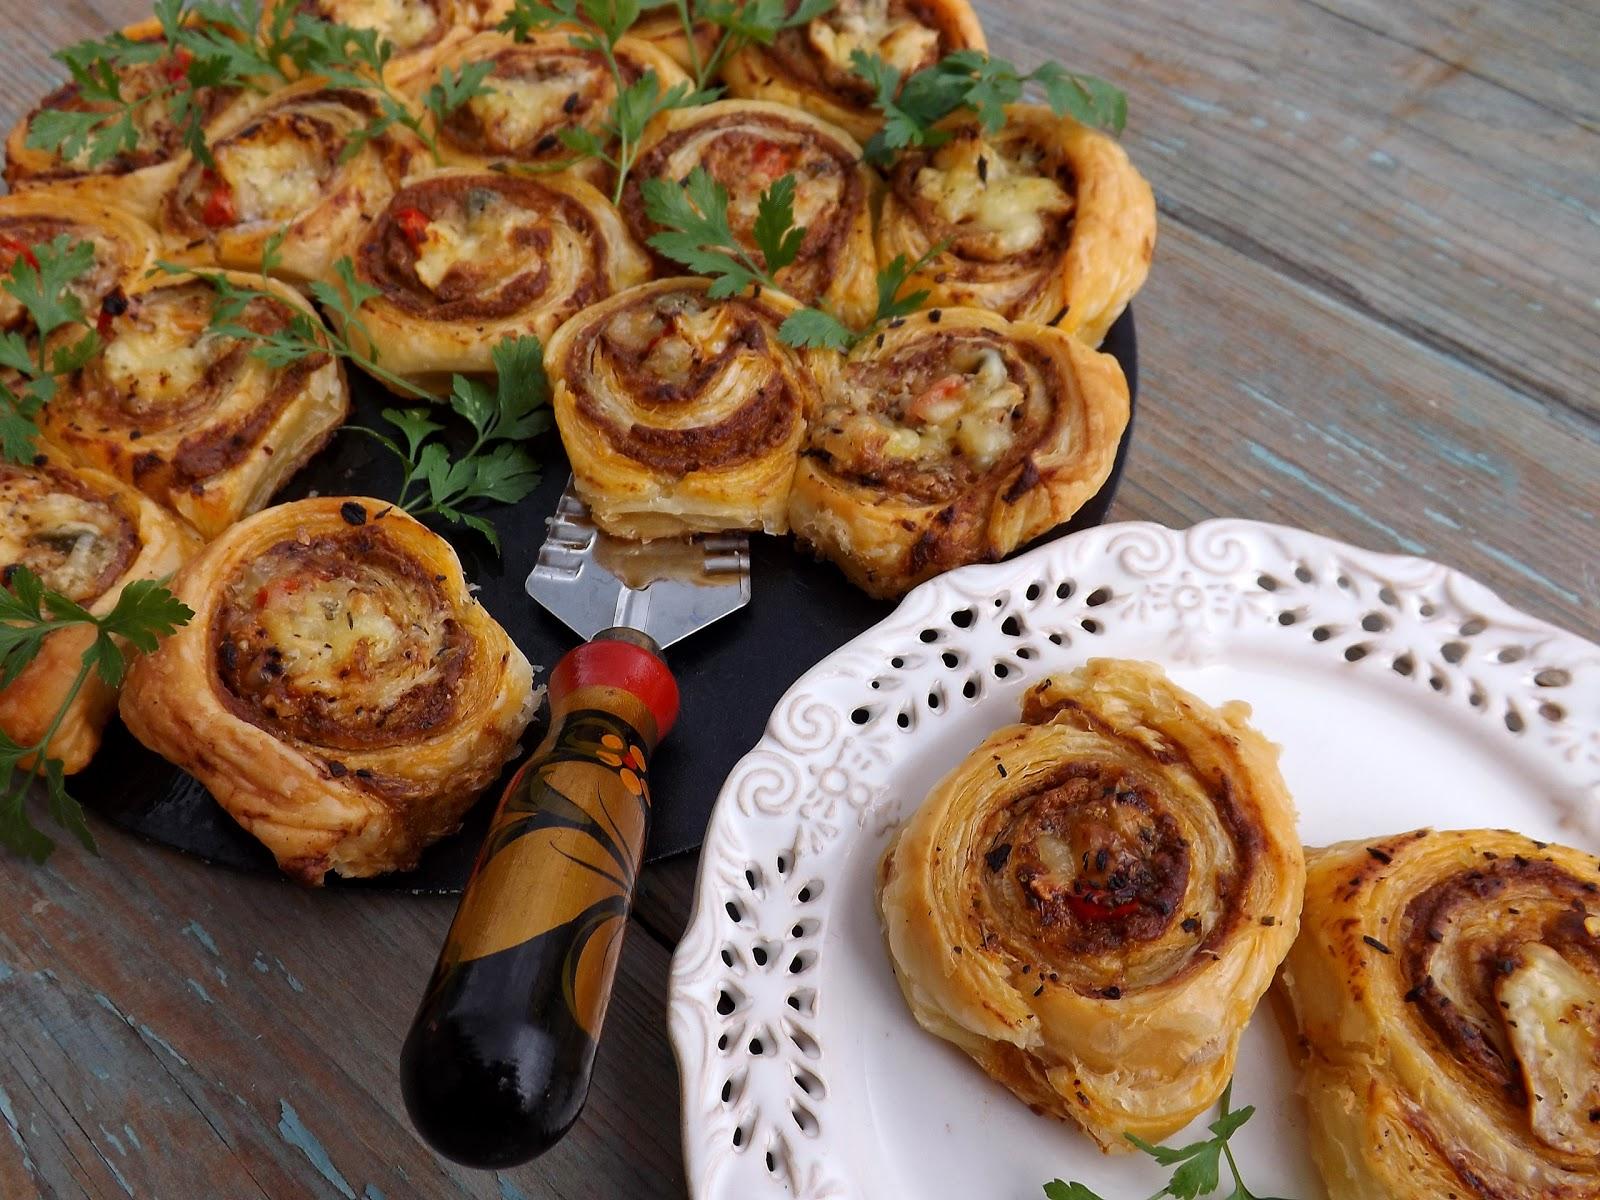 Francuskie roladki z pasztetem i camembert